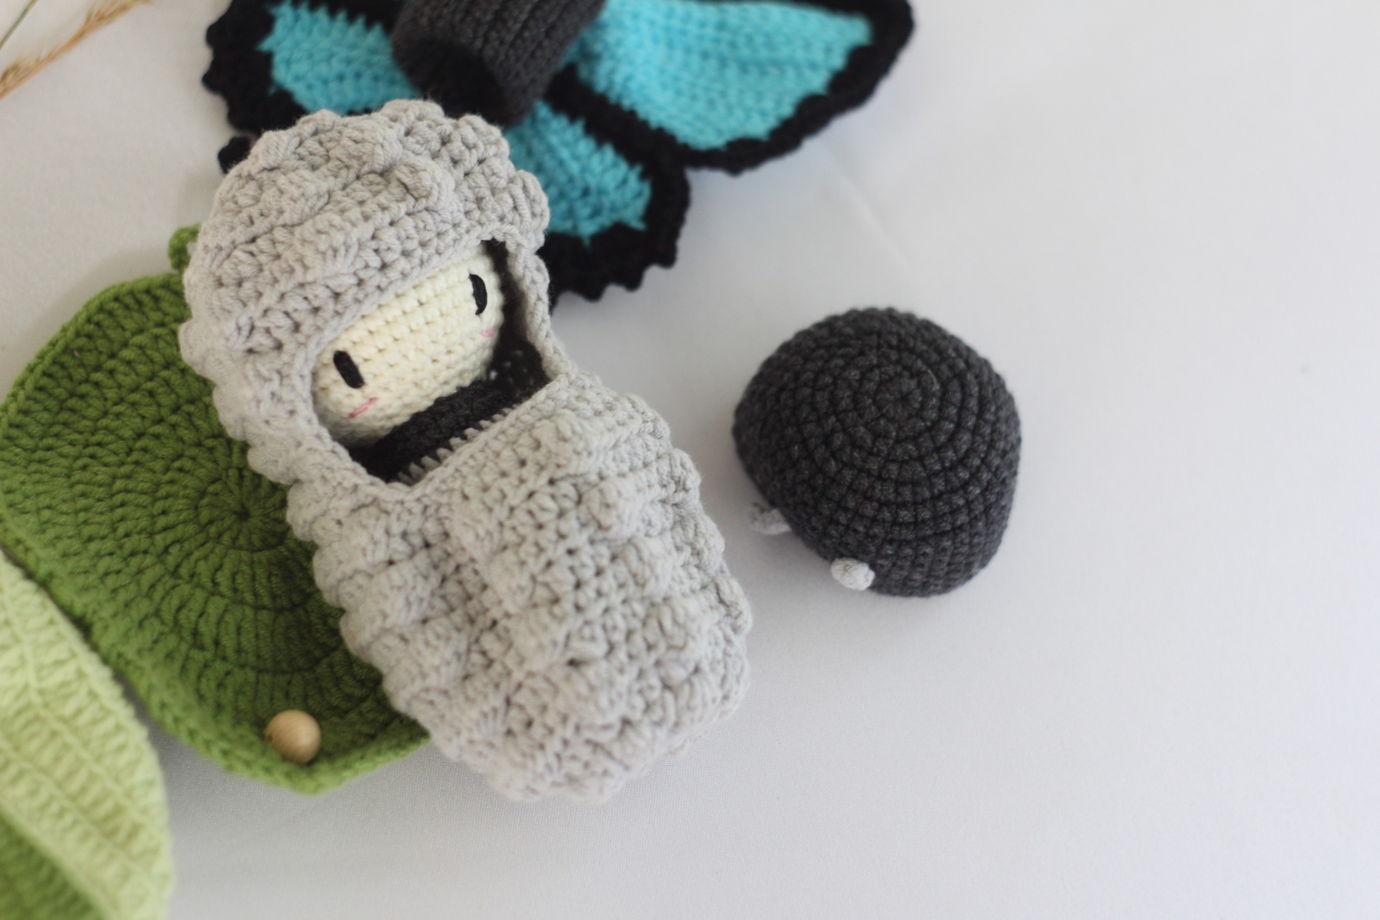 Вязаный развивающий набор - Жизненный цикл бабочки. Парусник Улисс